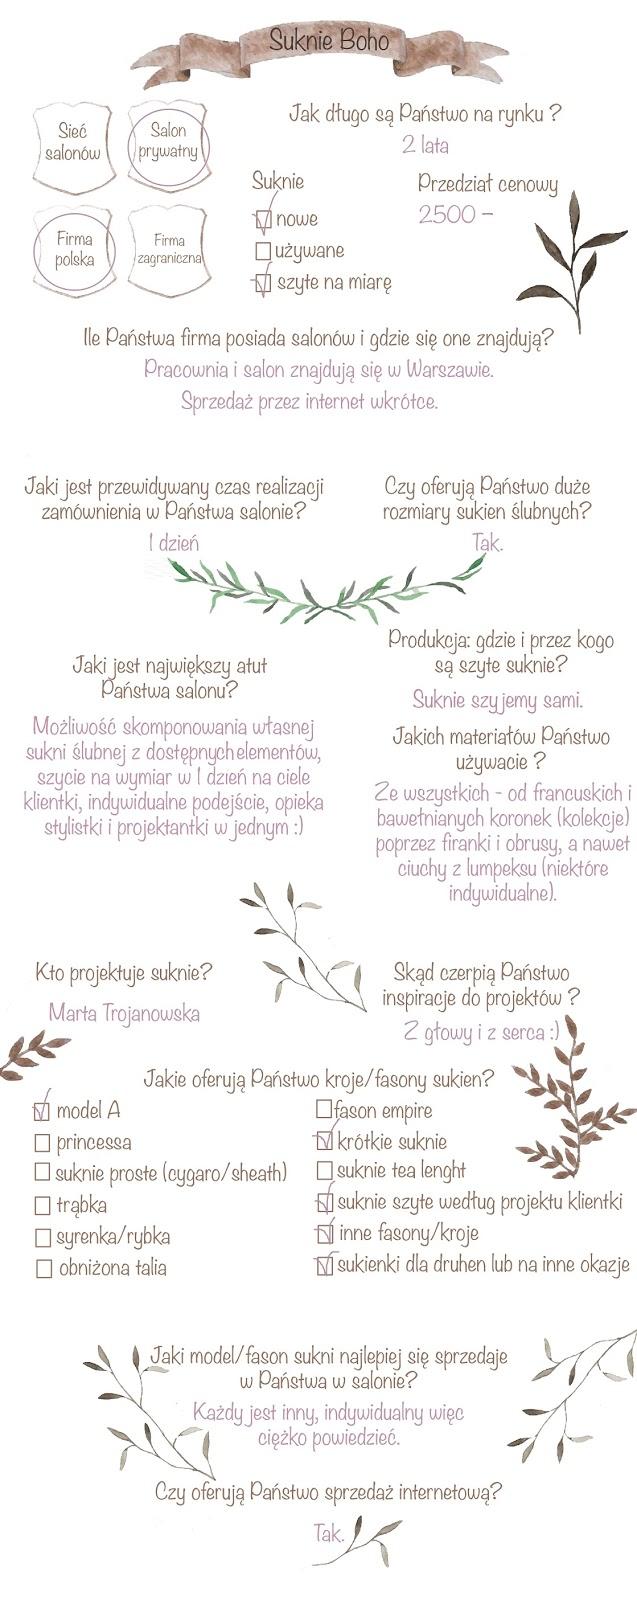 Formularz zawierający odpowiedzi na pytania dotyczące salonu sukien ślubnych Suknie Boho.